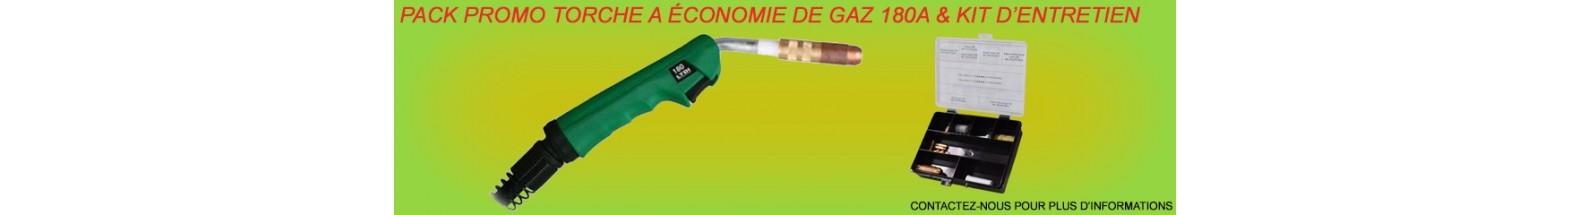 Torche soudage MIG économie d'énergie